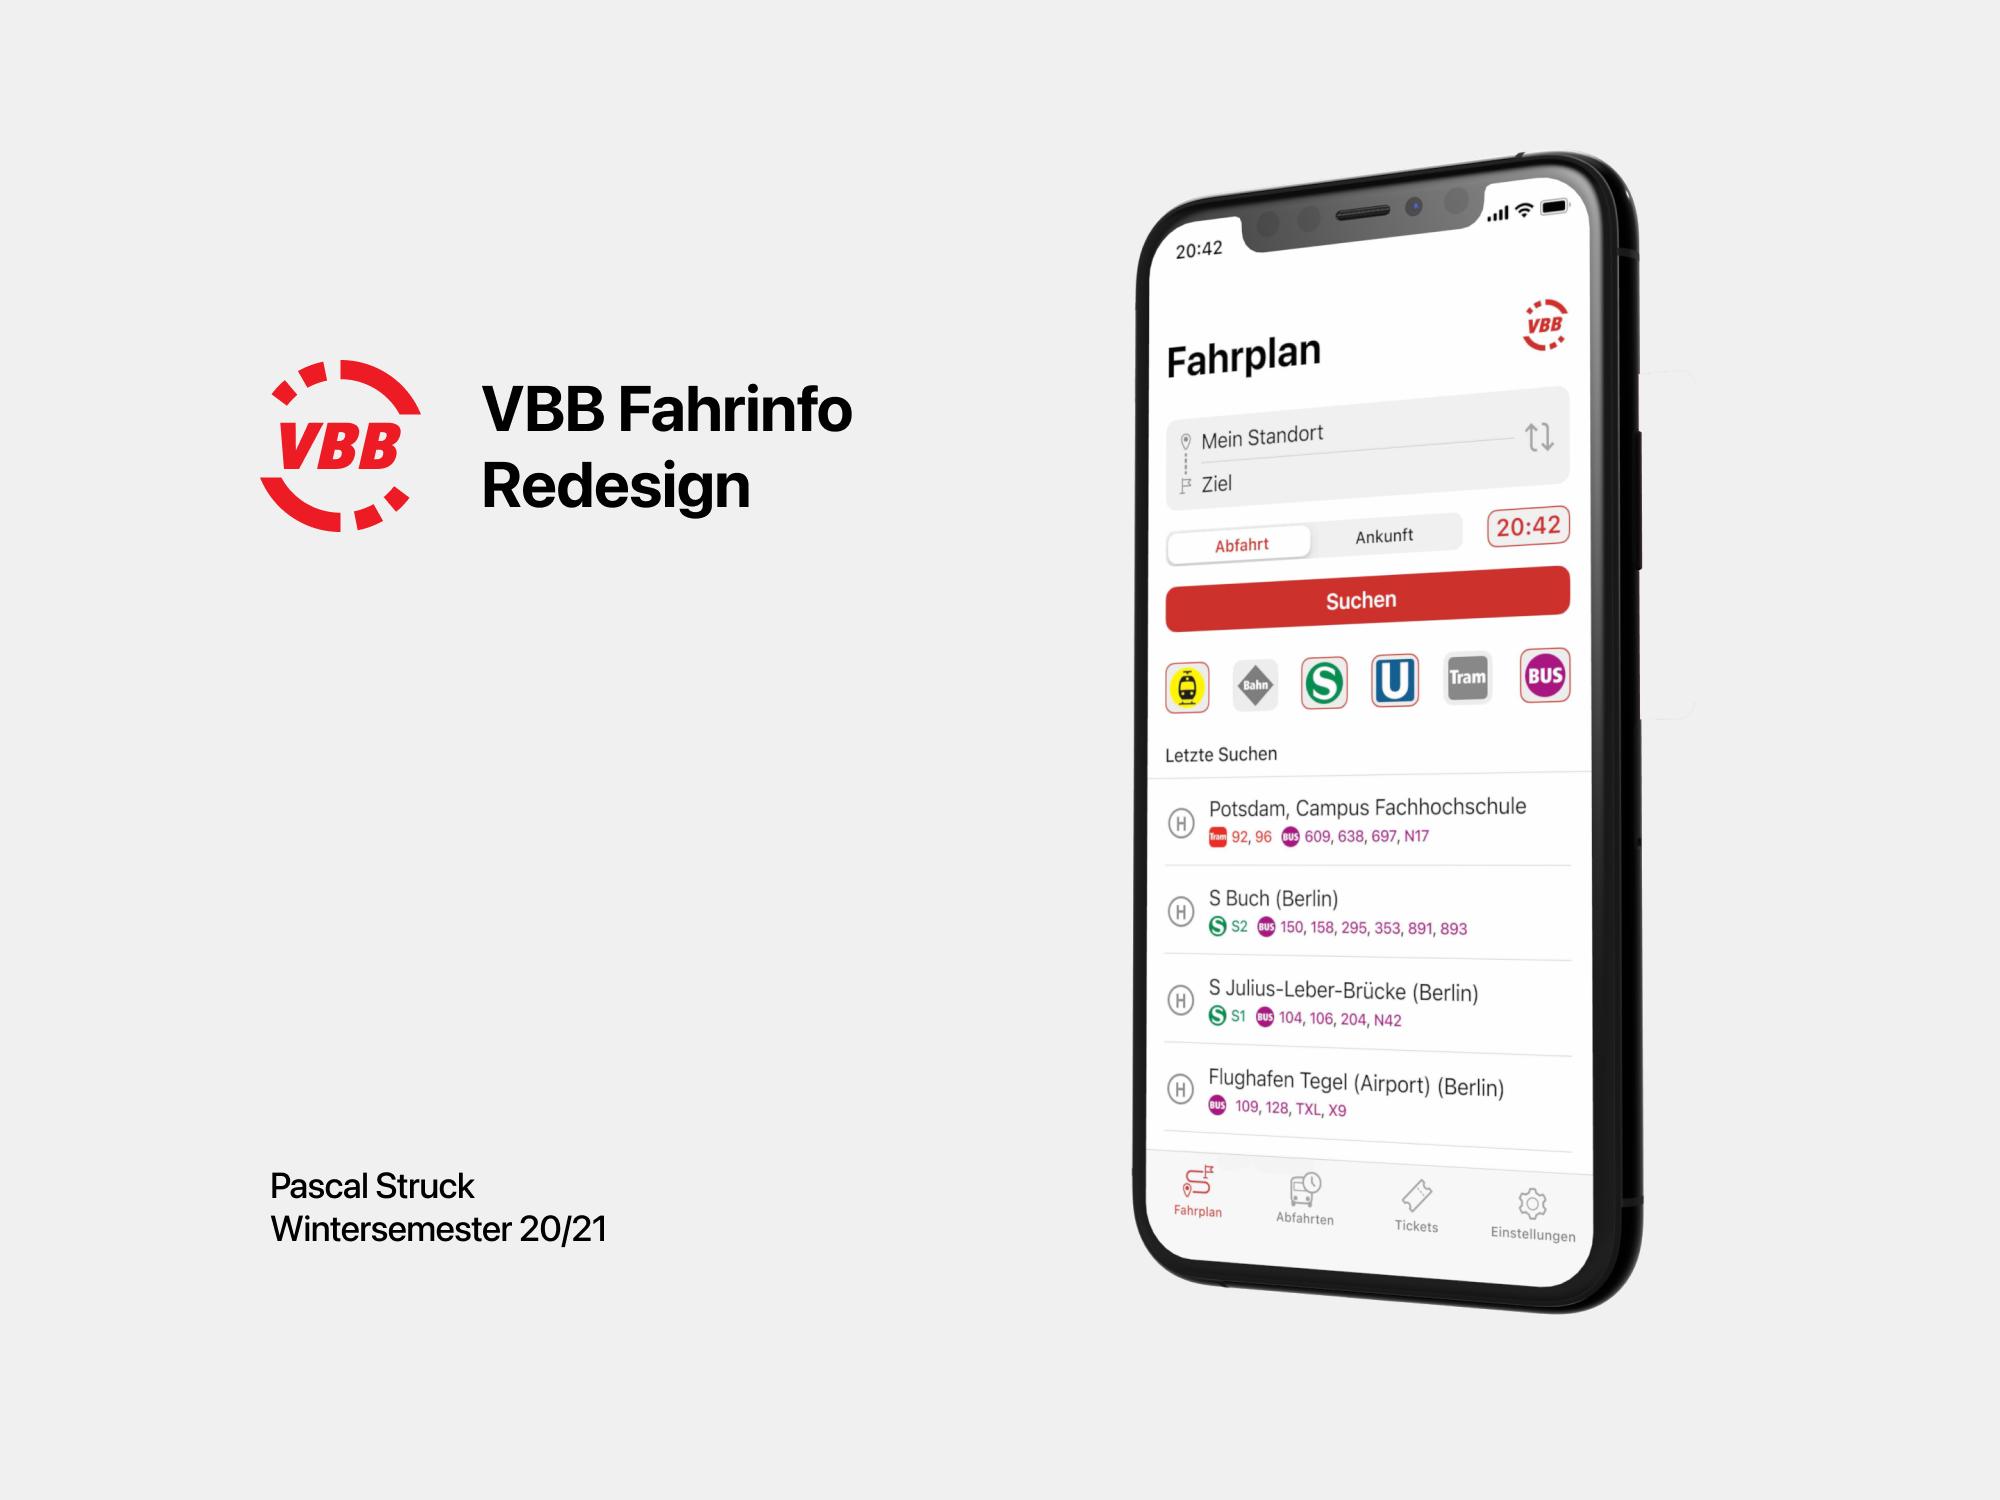 VBB Fahrinfo-Redesign